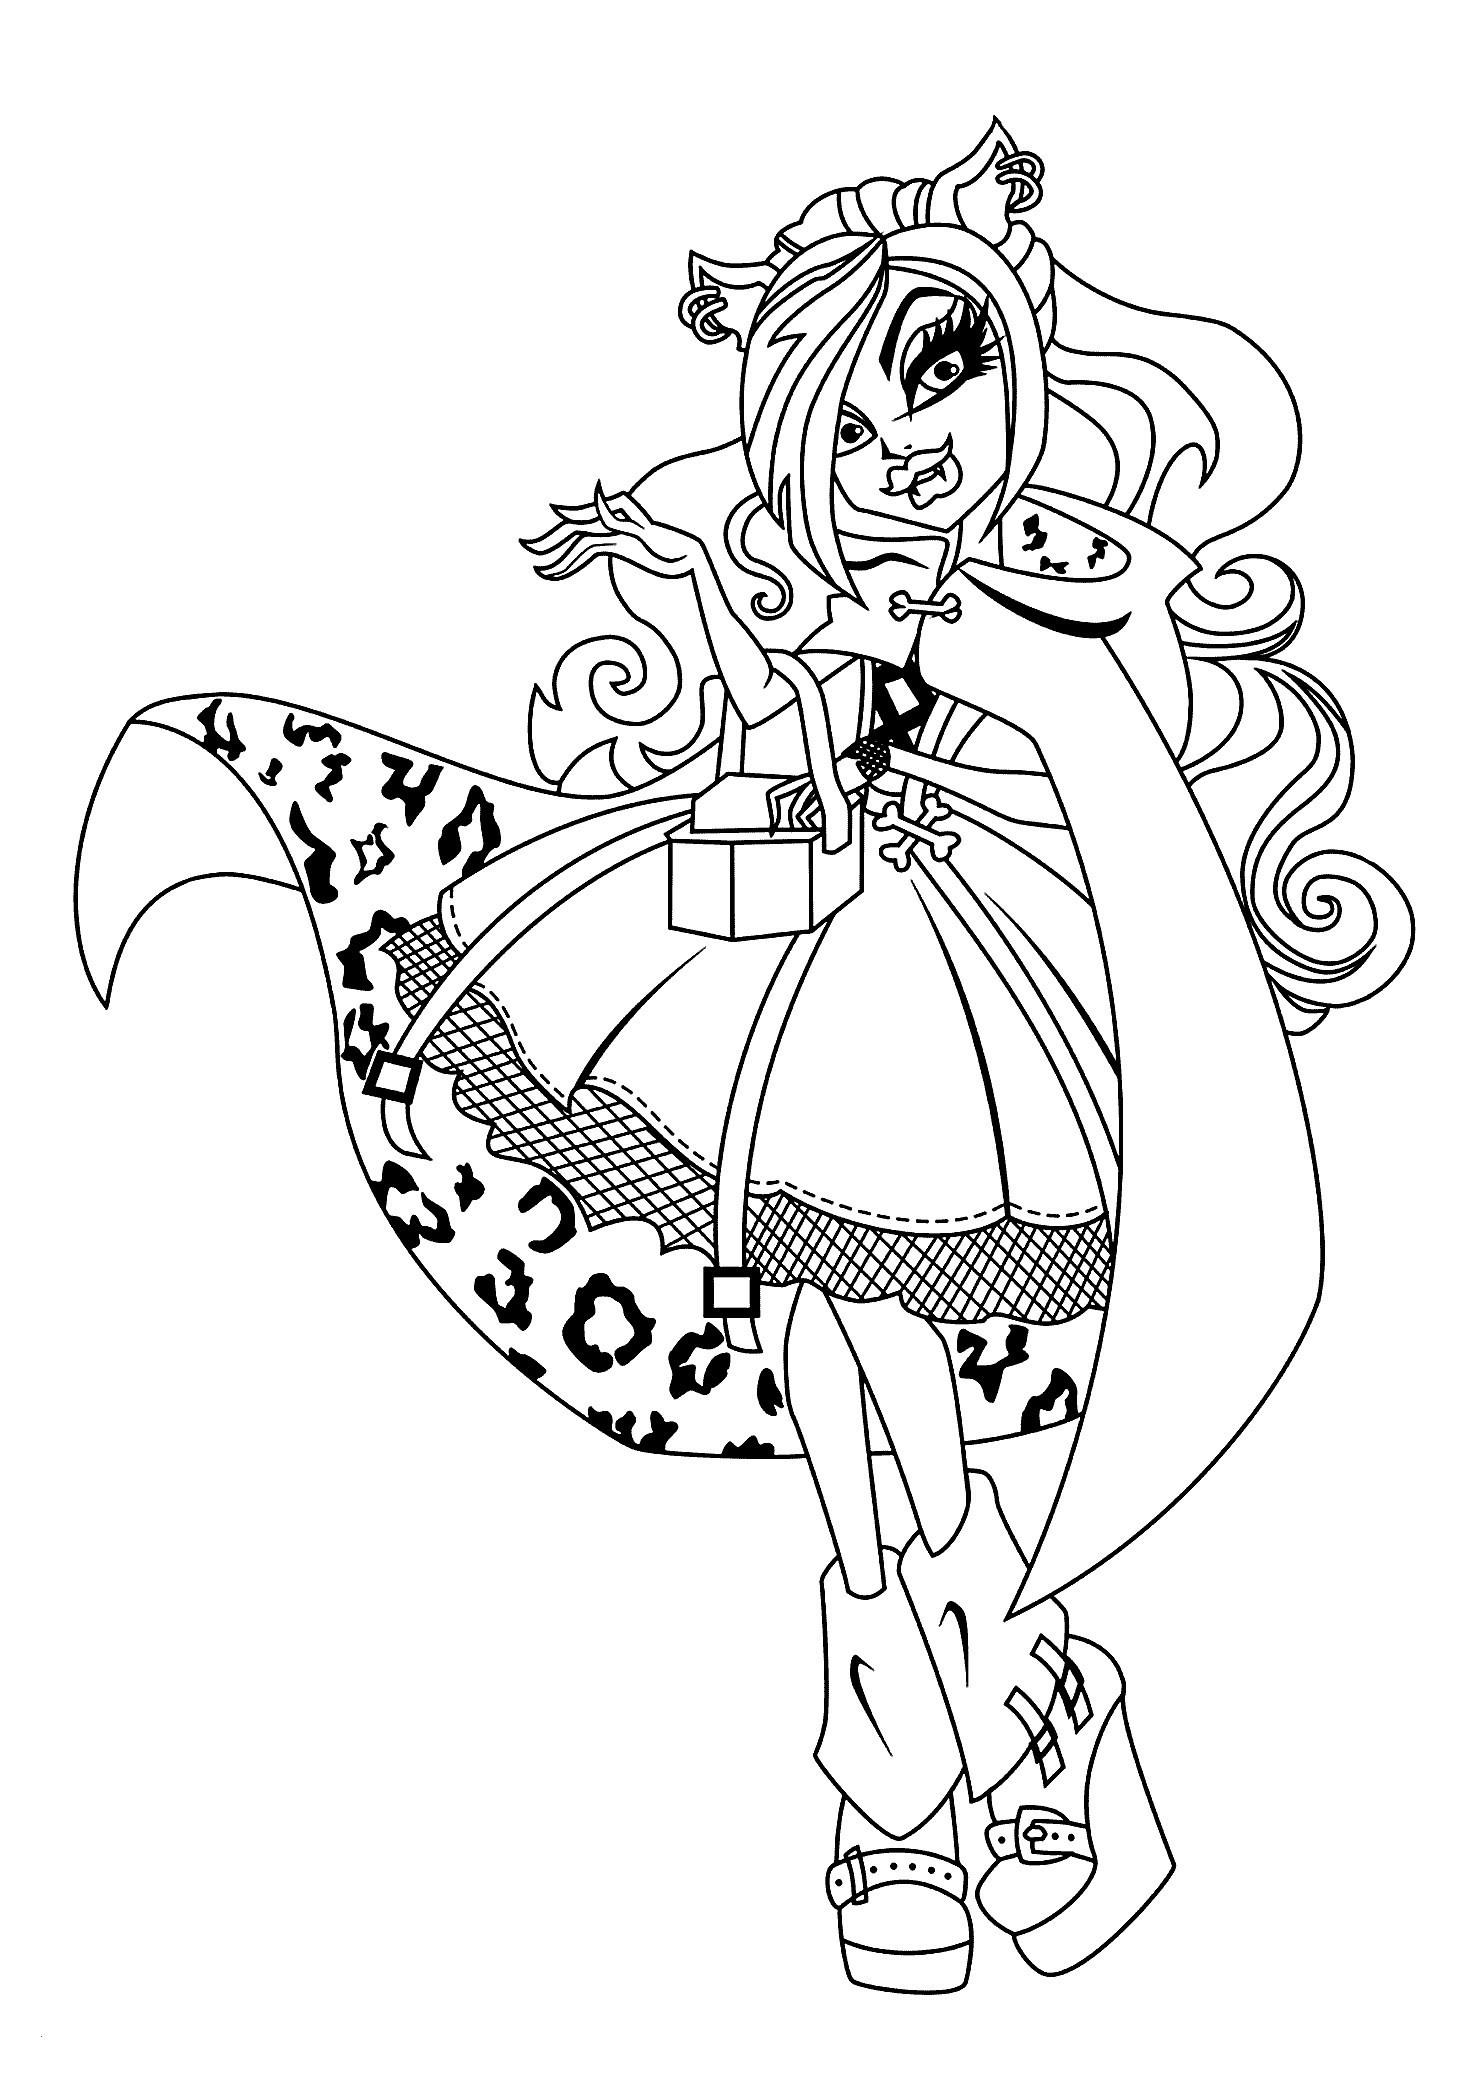 Ausmalbilder Monster High Frankie Stein Genial Ausmalbilder Monster High Jinafire Neu 32 Ausmalbilder Monster High Bilder